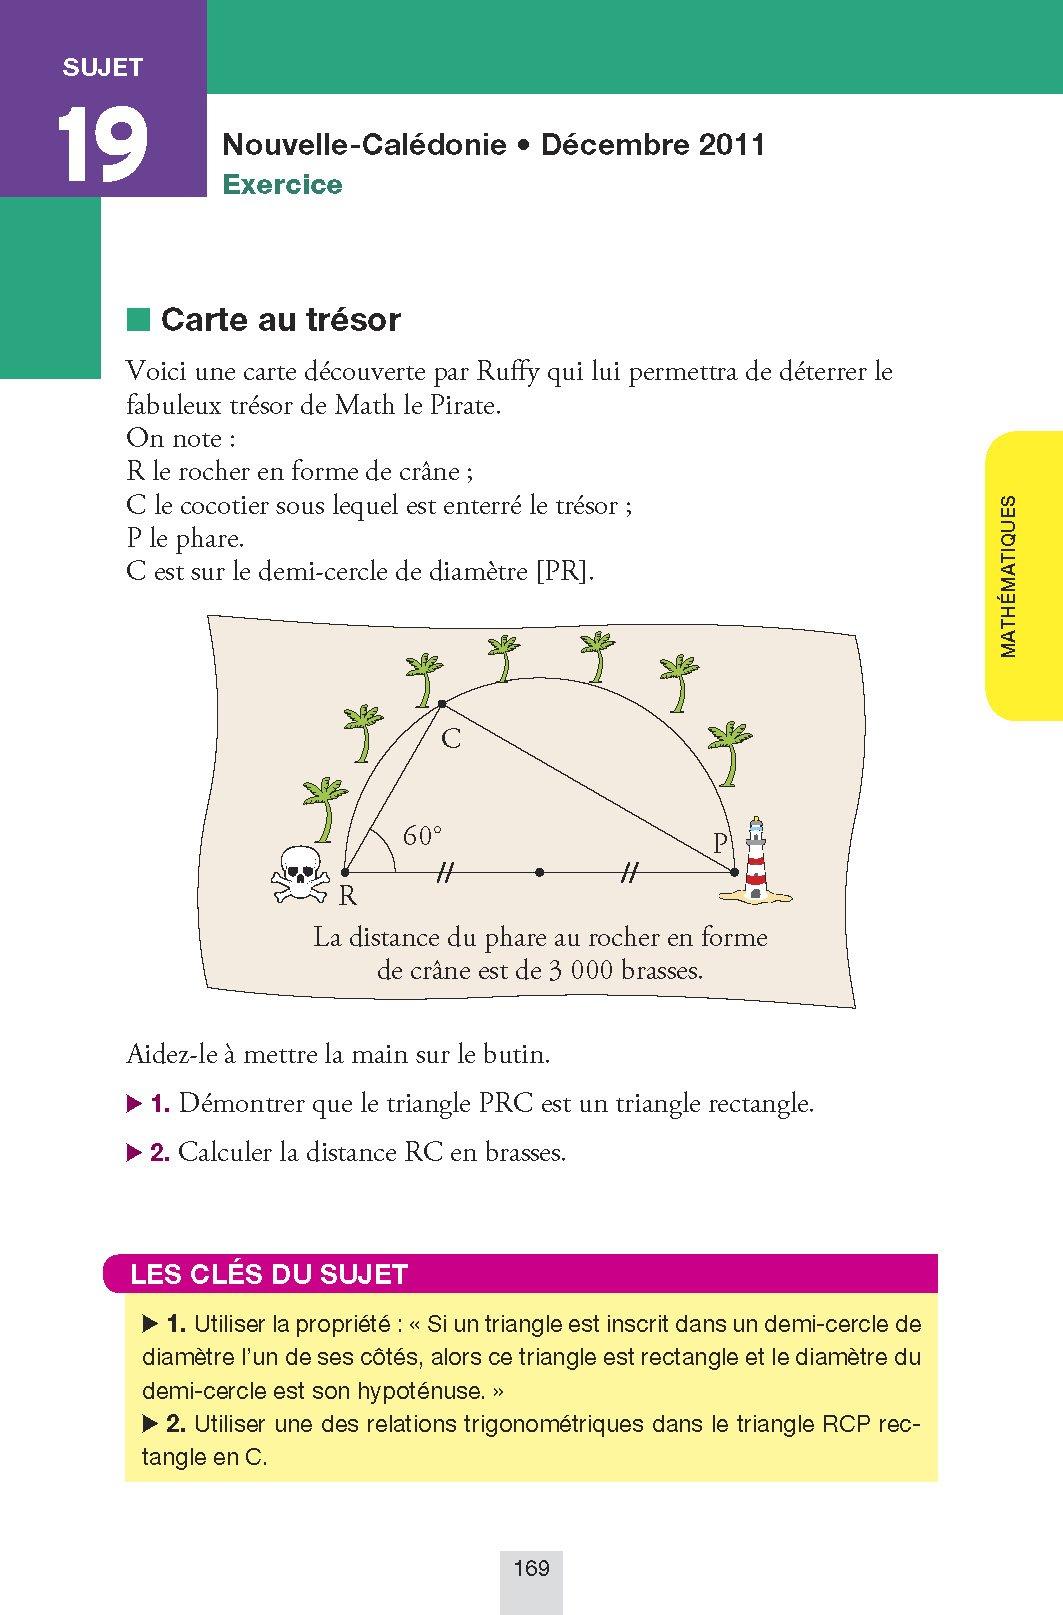 Annales Annabrevet 2013 La Compil : Français, Maths, Histoire-Géographie Éducation civique: Sujets et corrigés du brevet - Troisième: Amazon.es: Cécile ...